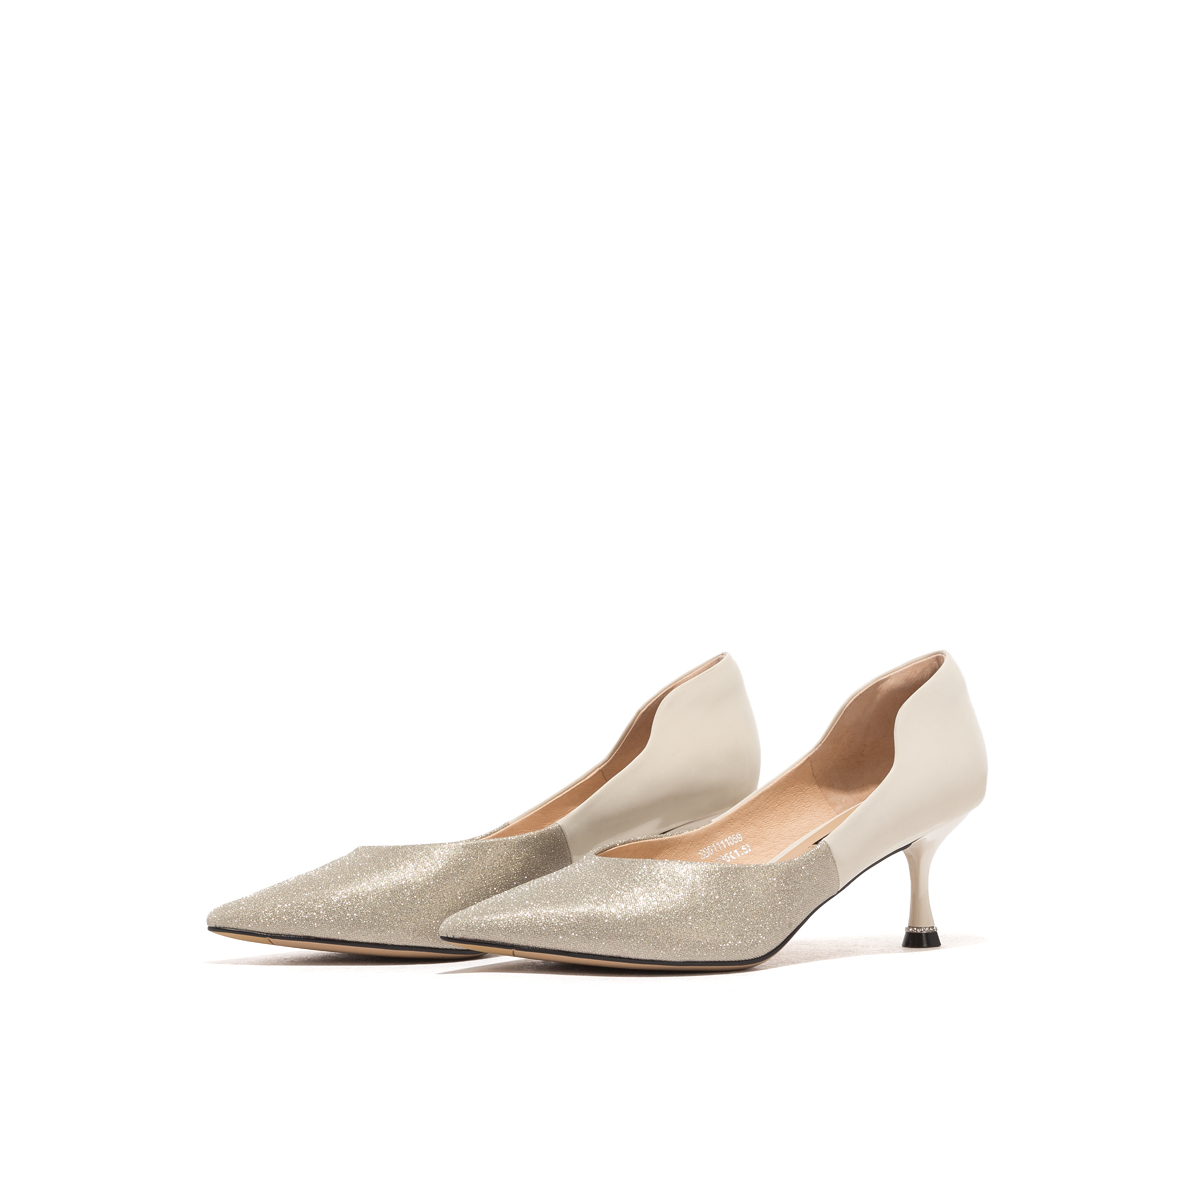 星期六尖头鞋 St&Sat星期六2020新款性感尖头高跟鞋女细跟单鞋SS01111059_推荐淘宝好看的女星期六尖头鞋